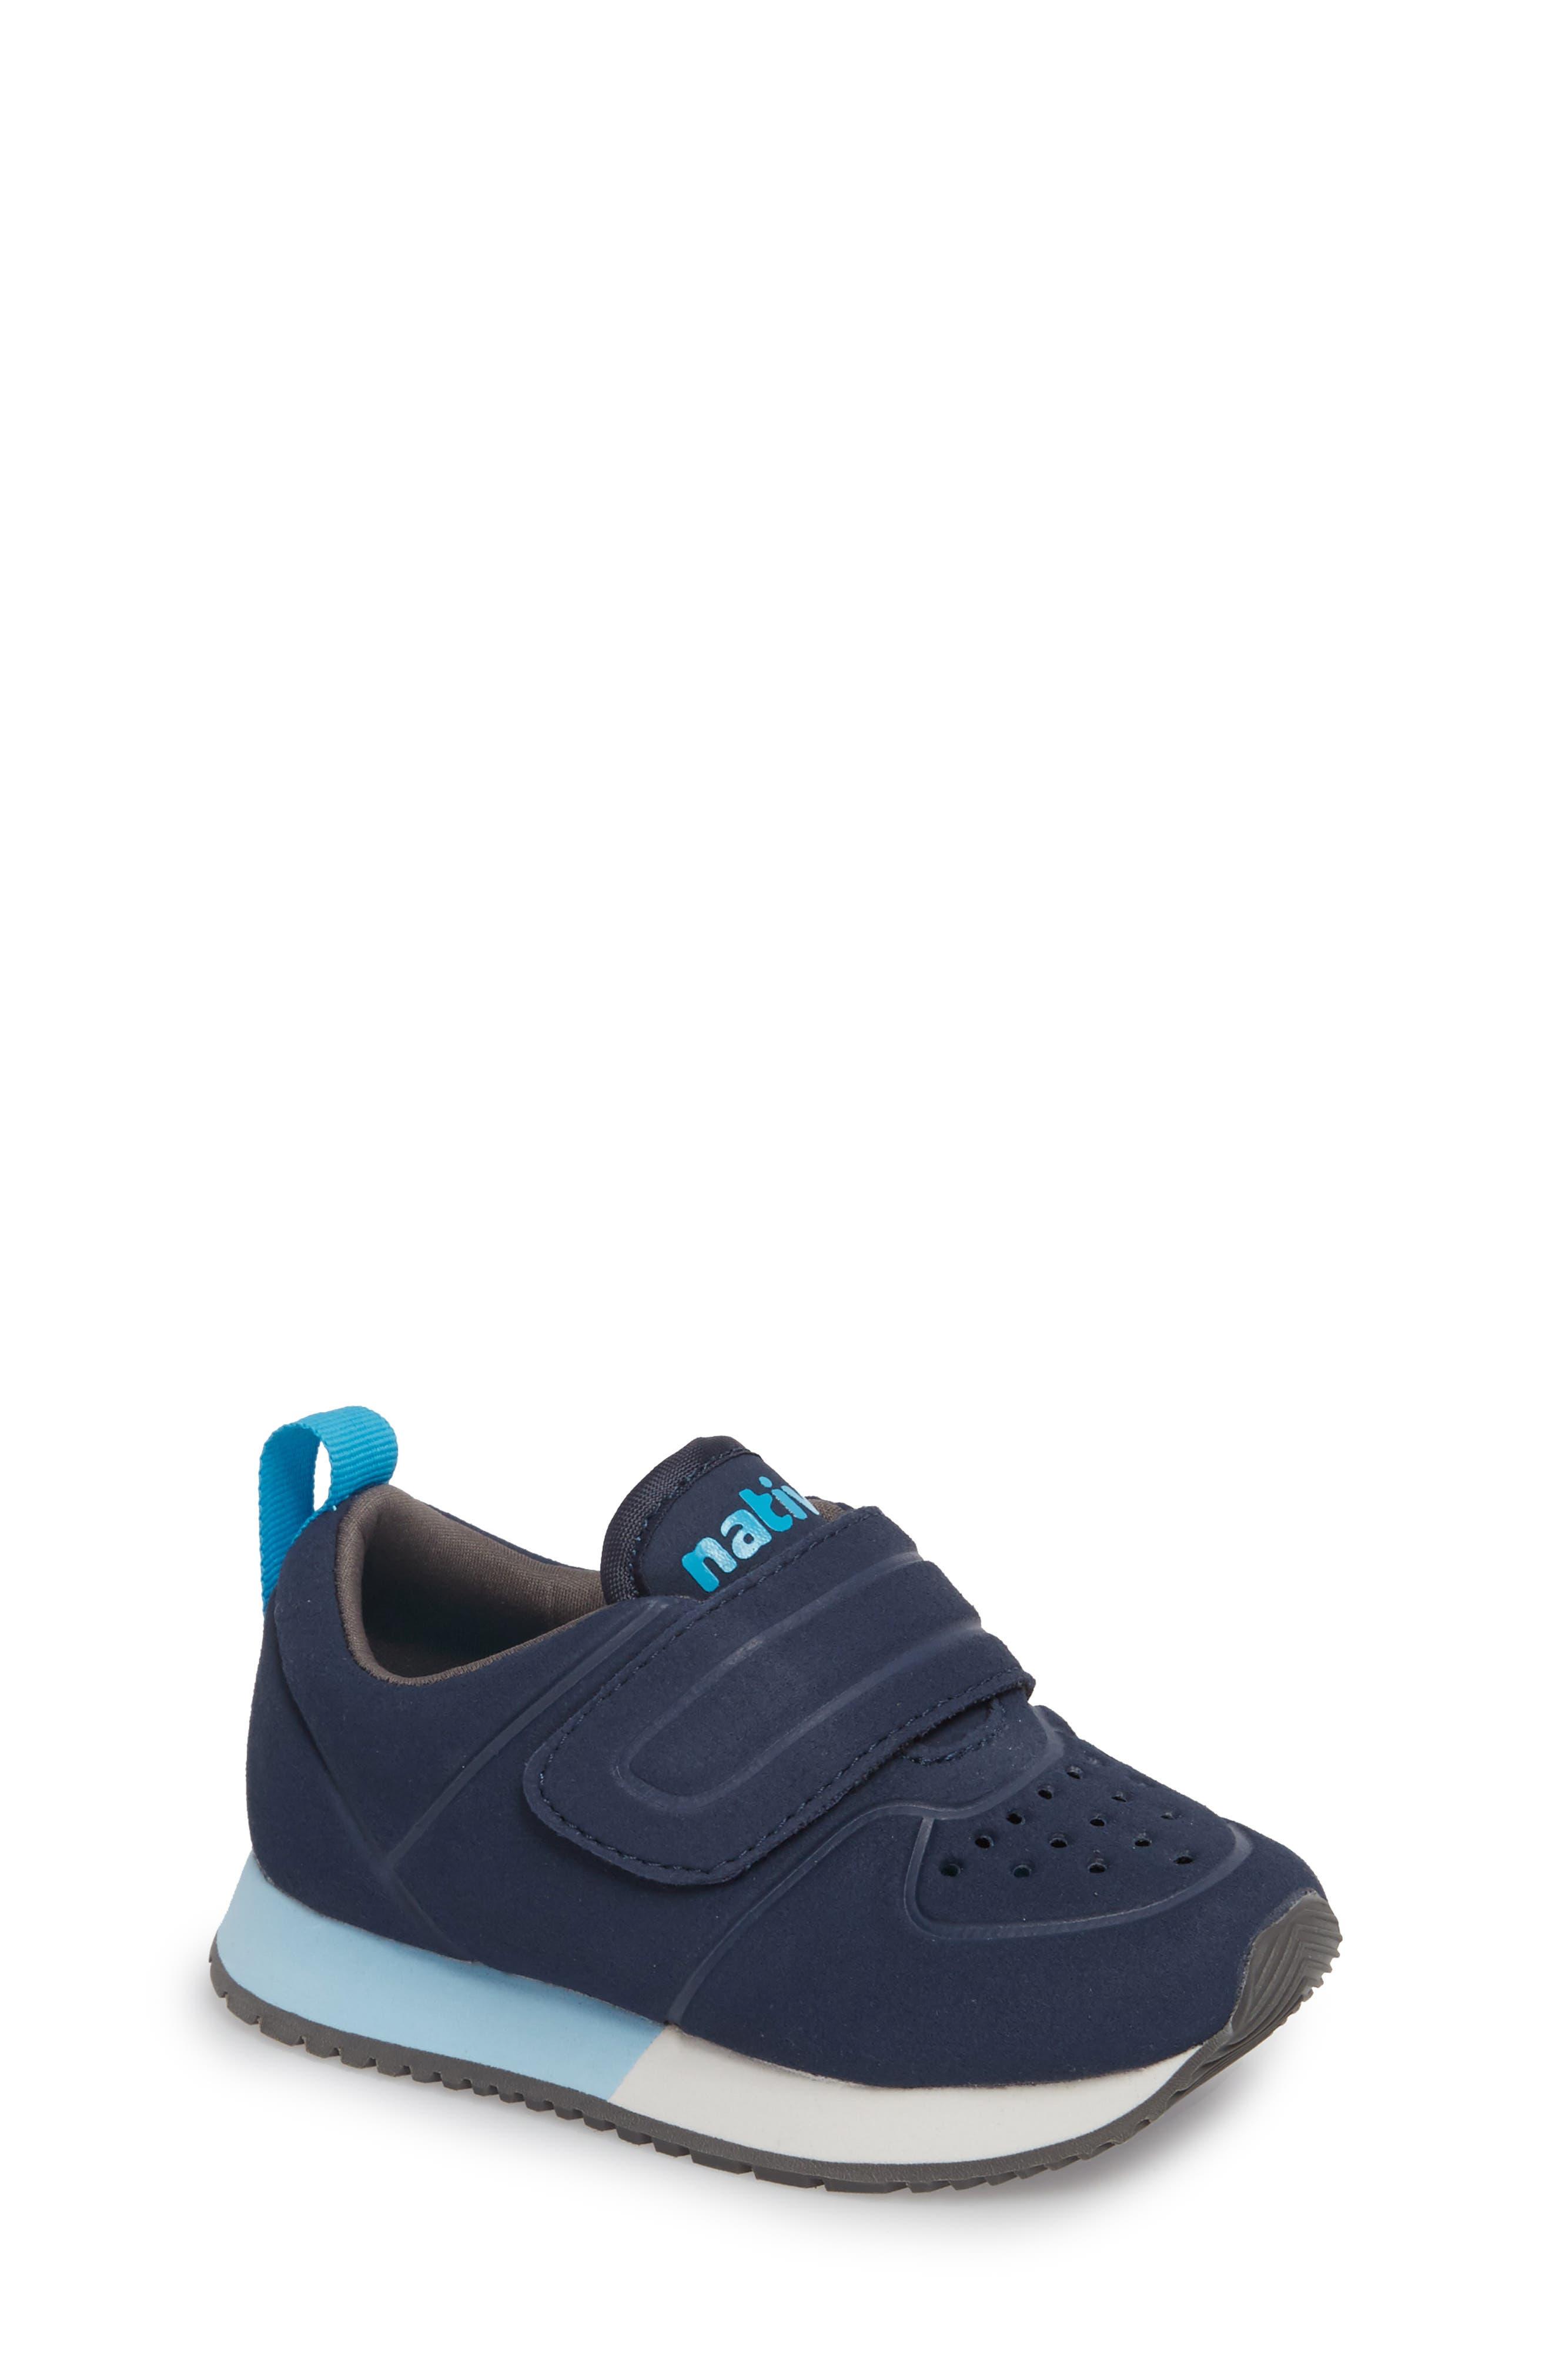 Native Cornell Perforated Sneaker,                         Main,                         color, REGATTA BLUE/ SHELL WHITE